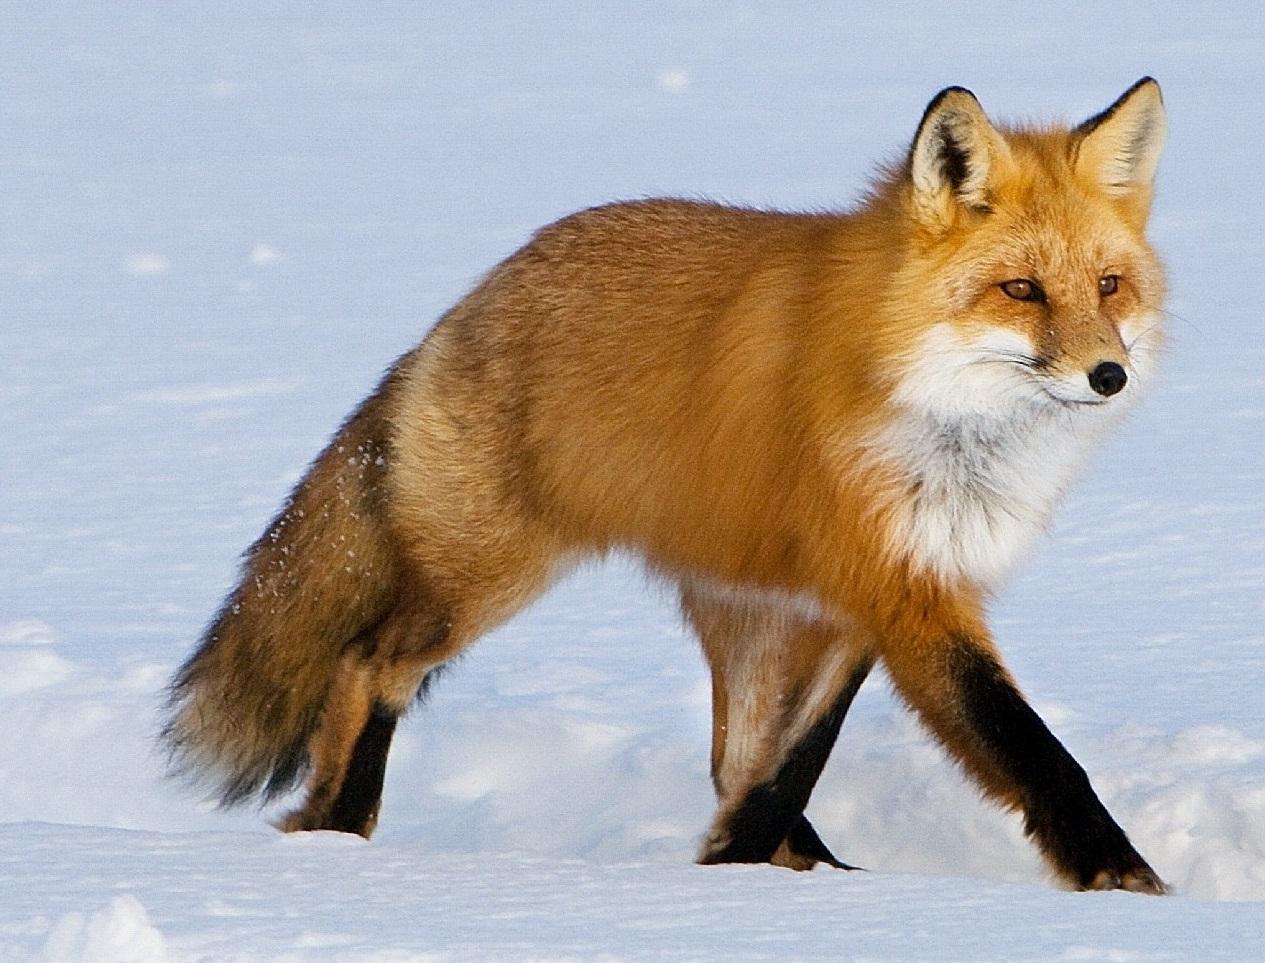 картинка к загадкам о диких животных